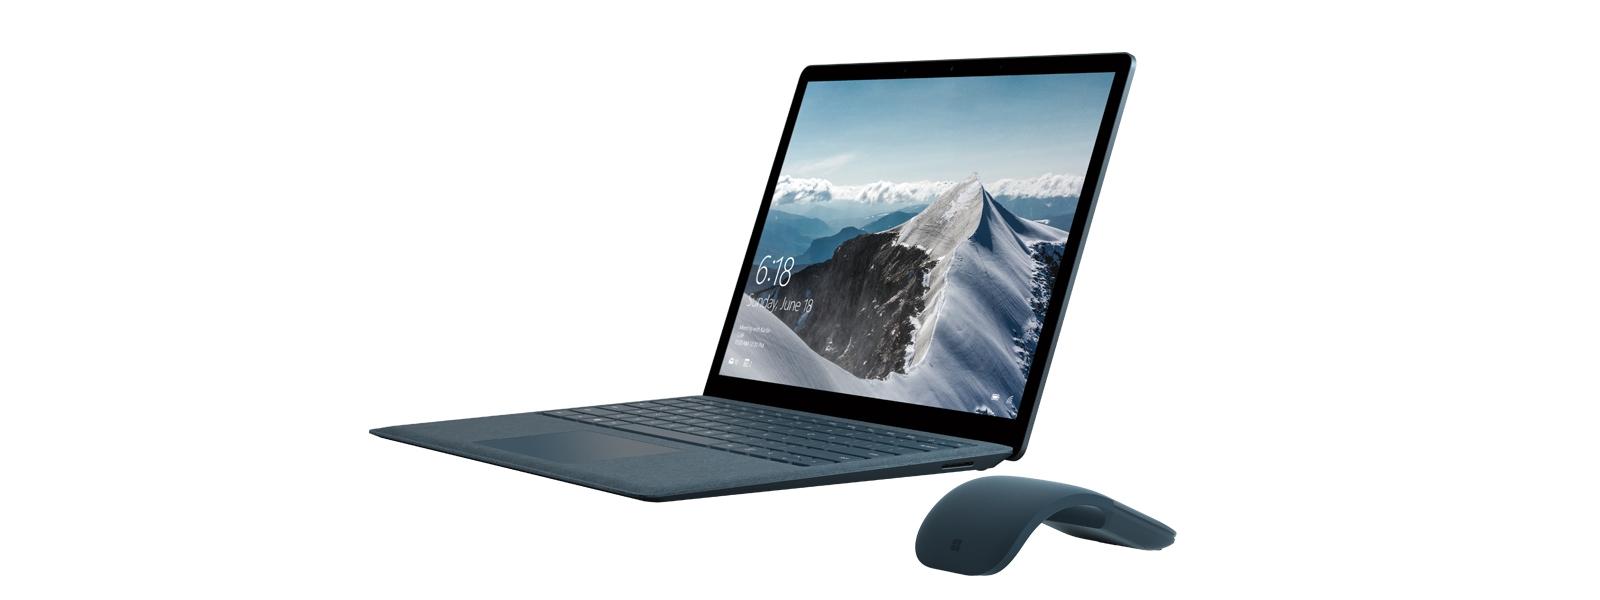 Kobaltblauwe Surface Laptop onder een hoek met als schermachtergrond een besneeuwd gebergte, met daarnaast een kobaltblauwe Arc Touch Mouse.